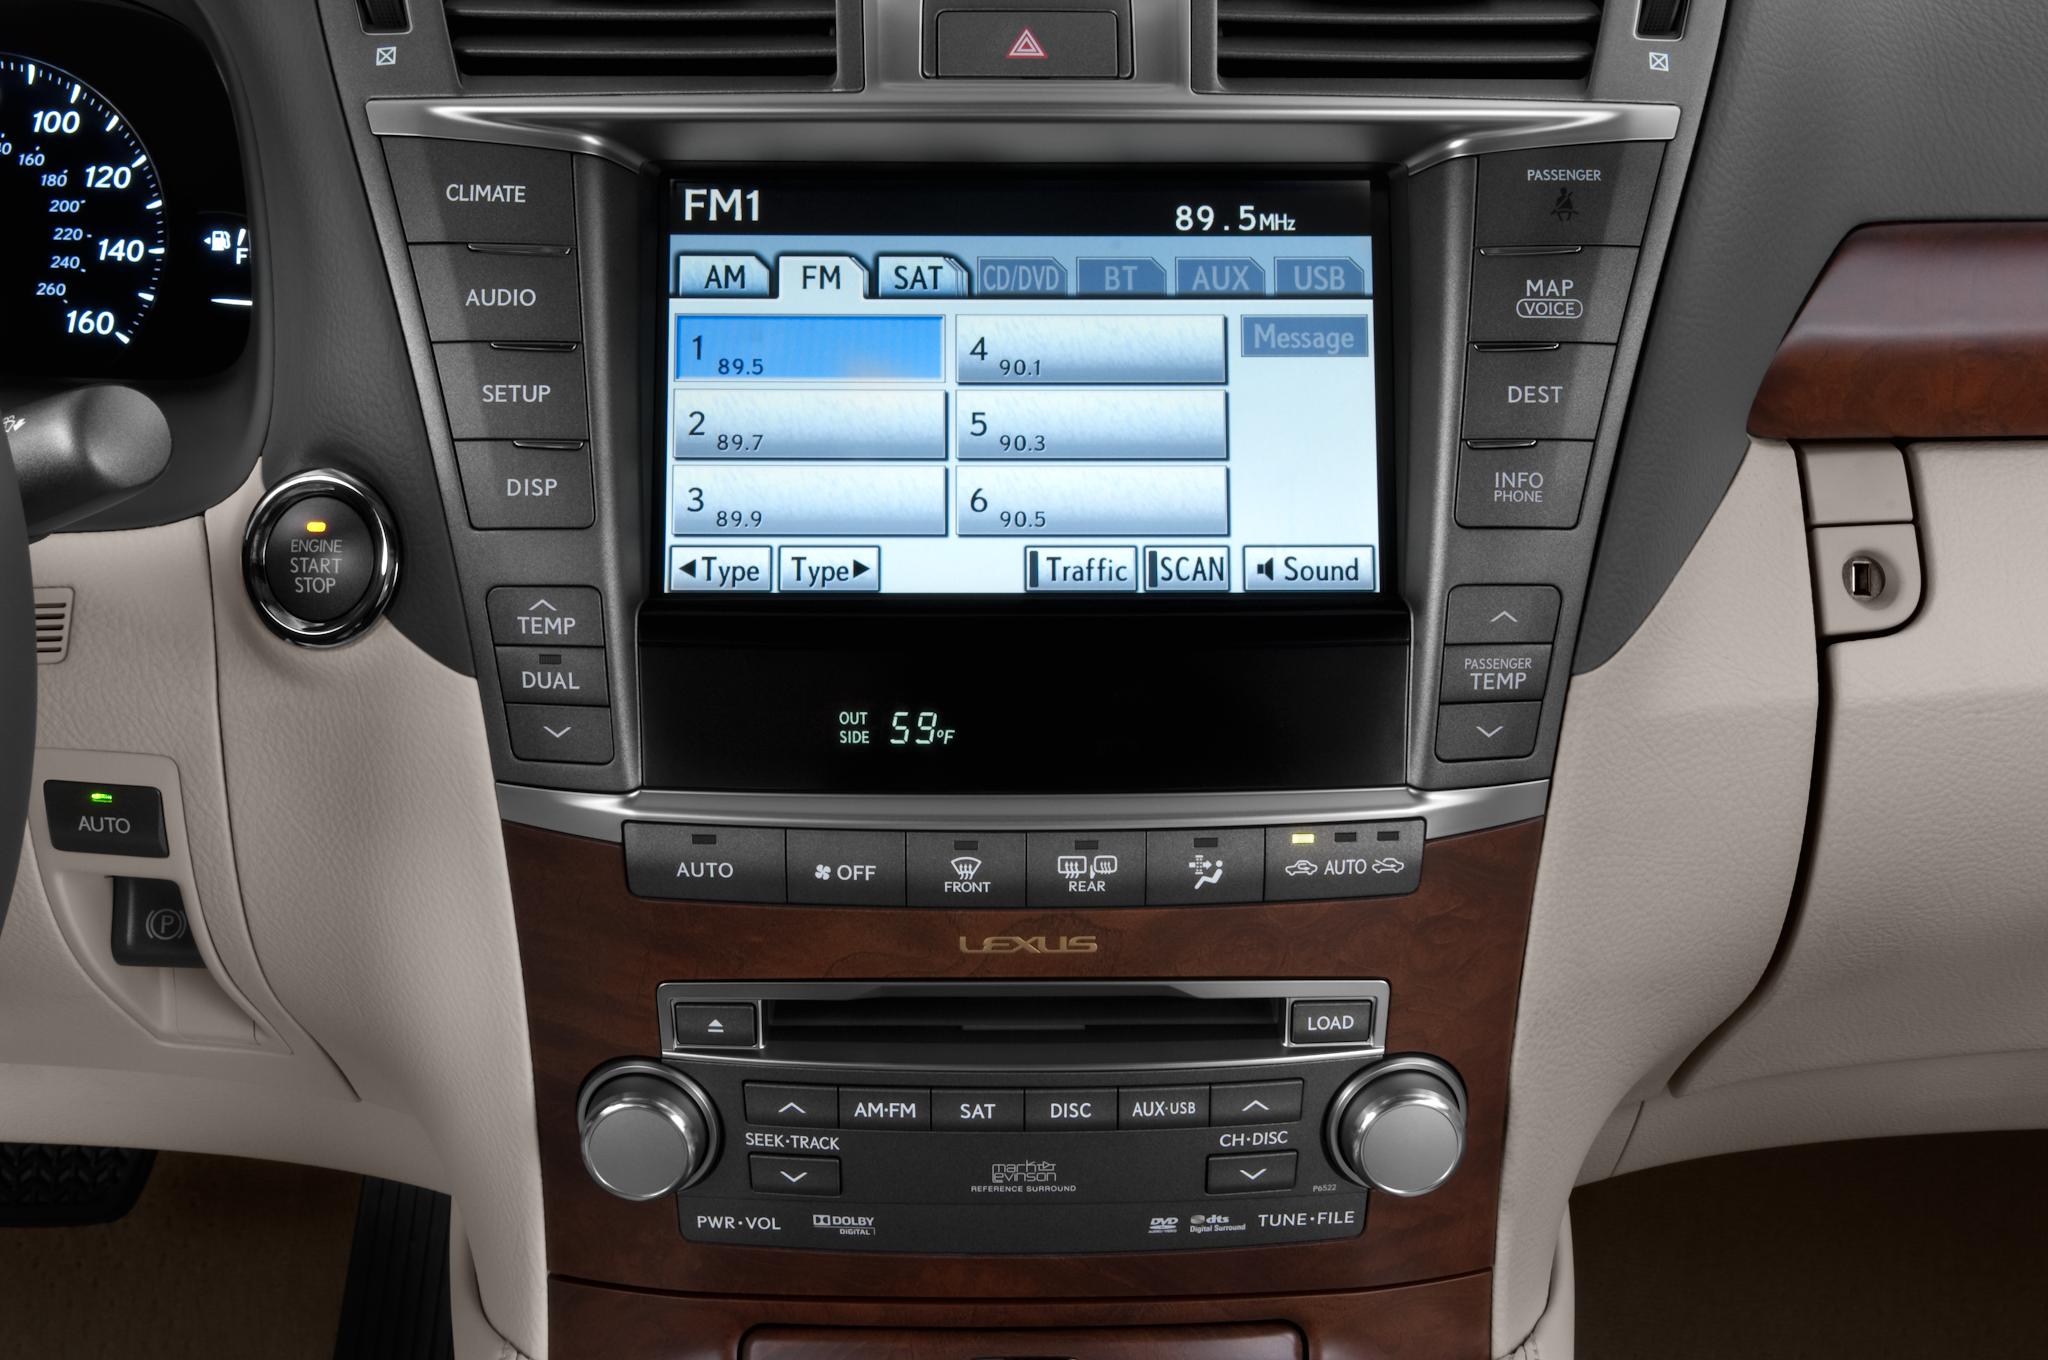 http://st.automobilemag.com/uploads/sites/10/2015/11/2010-lexus-ls-460-l-sedan-audio-system.png